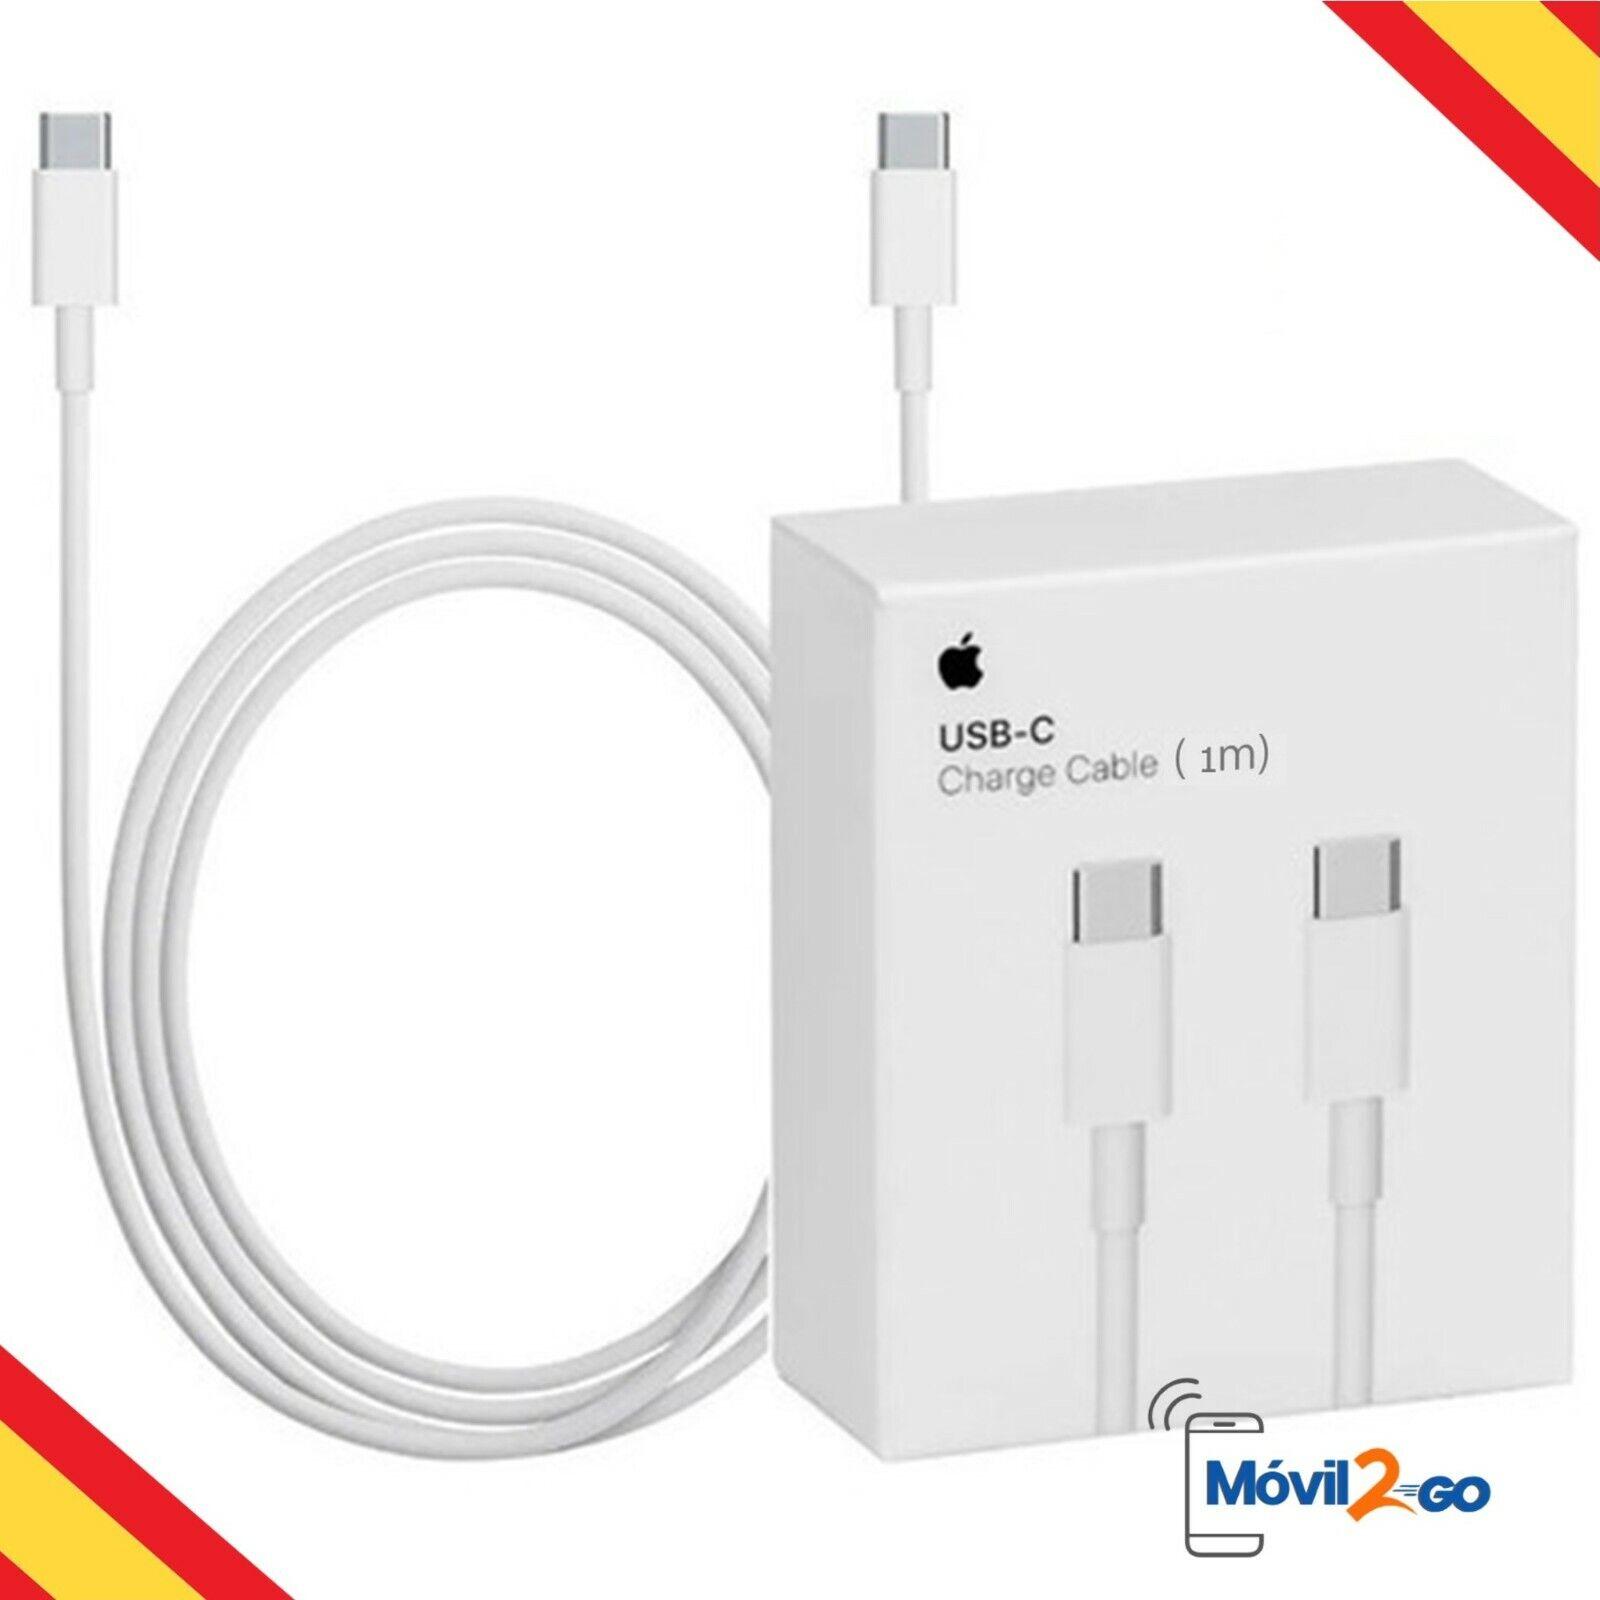 Cable Apple MUF72ZE/A de USB-C a USB-C 1 Metro Caja Retail Nuevo